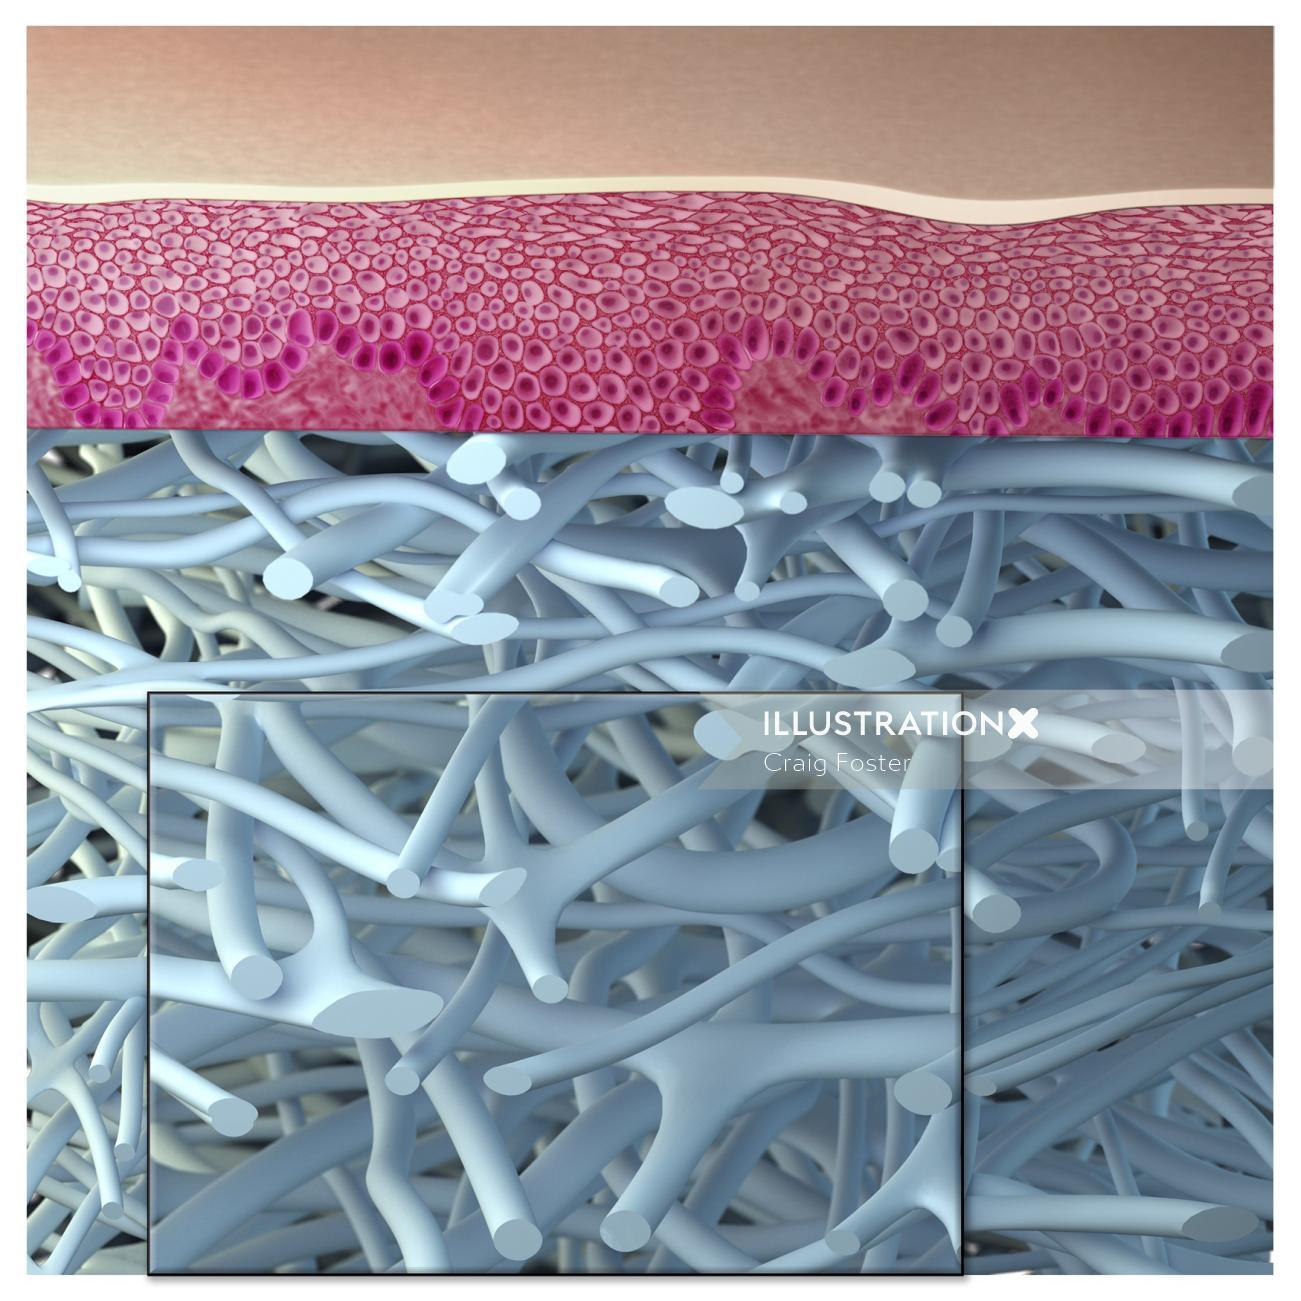 Medical illustration of dermatology nerves